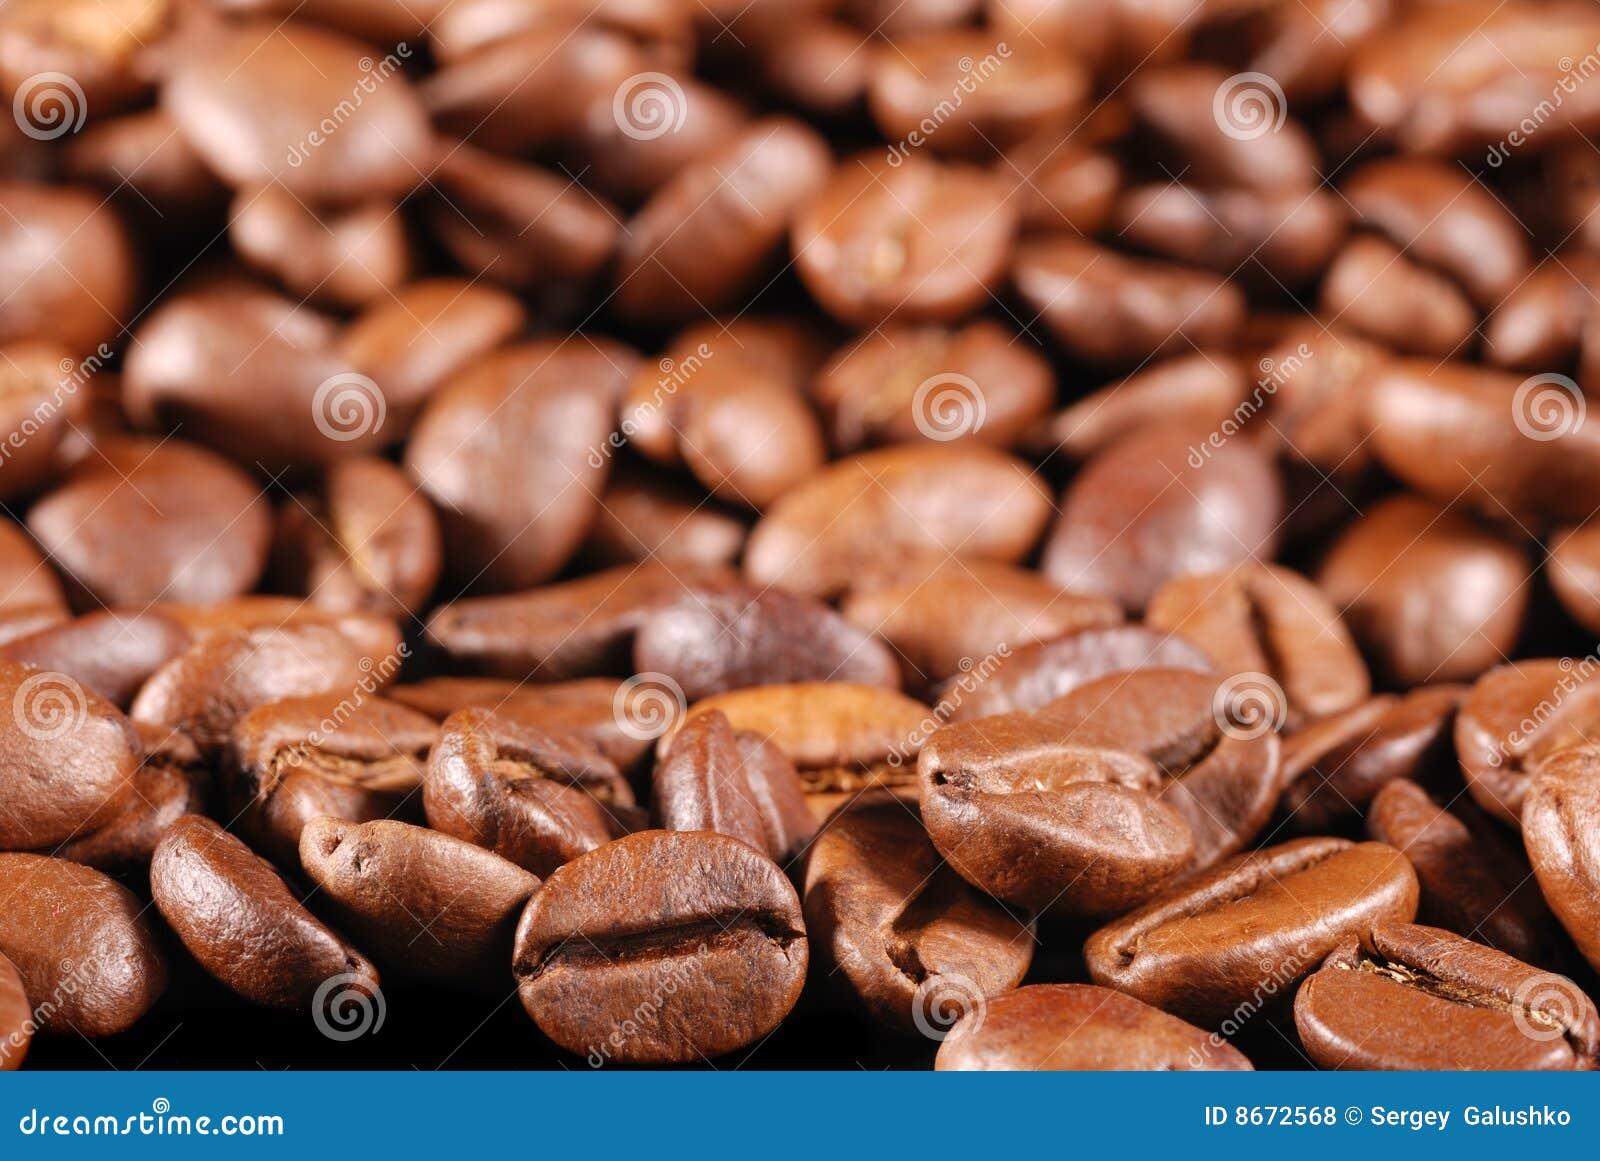 Le café a fait frire